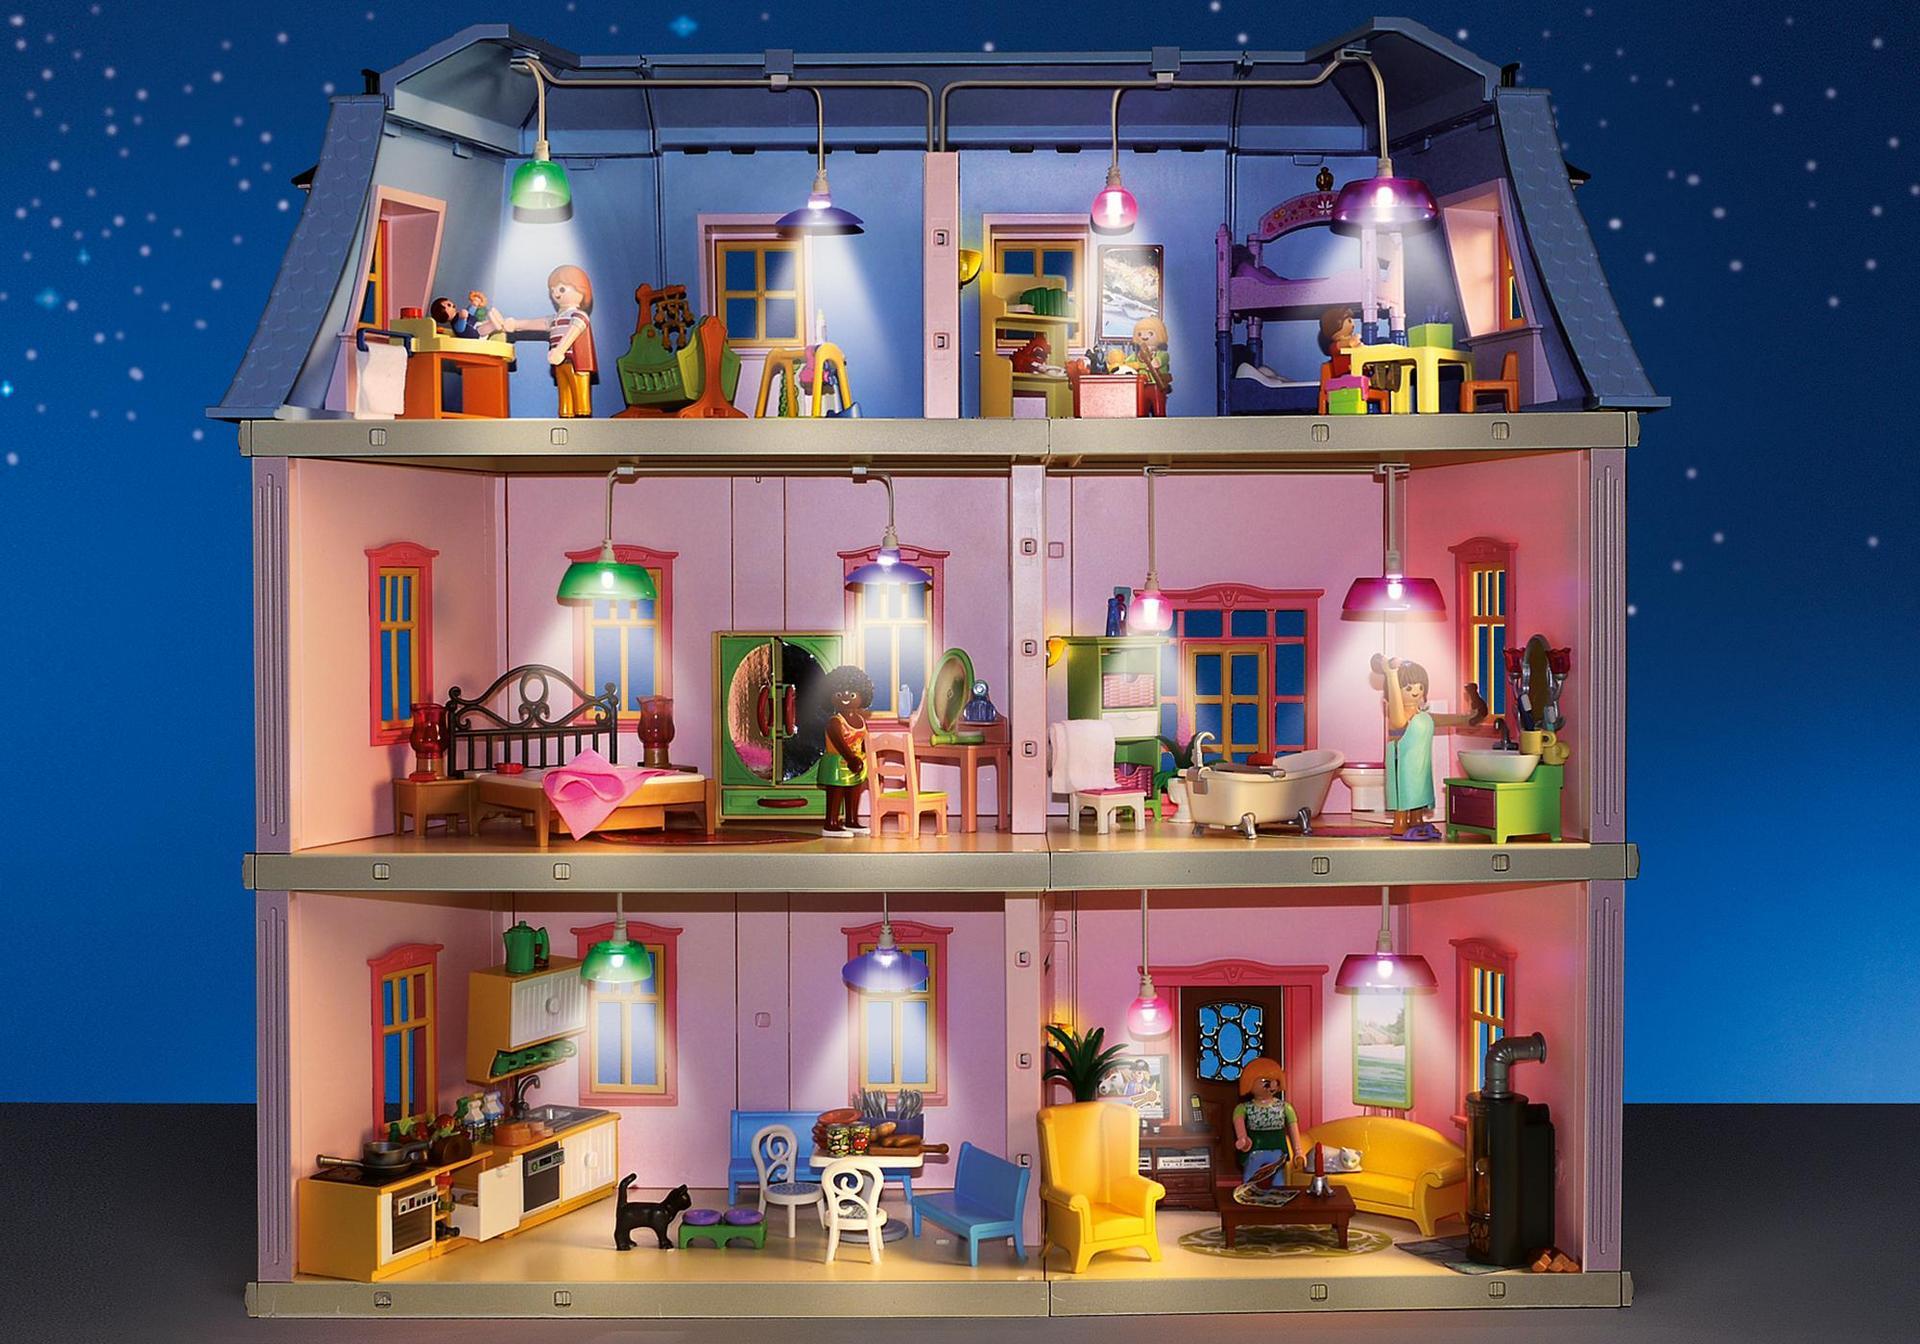 Set de iluminaci n para la casa de mu ecas rom ntica ref 5303 6456 playmobil espa a - Gran casa de munecas playmobil ...